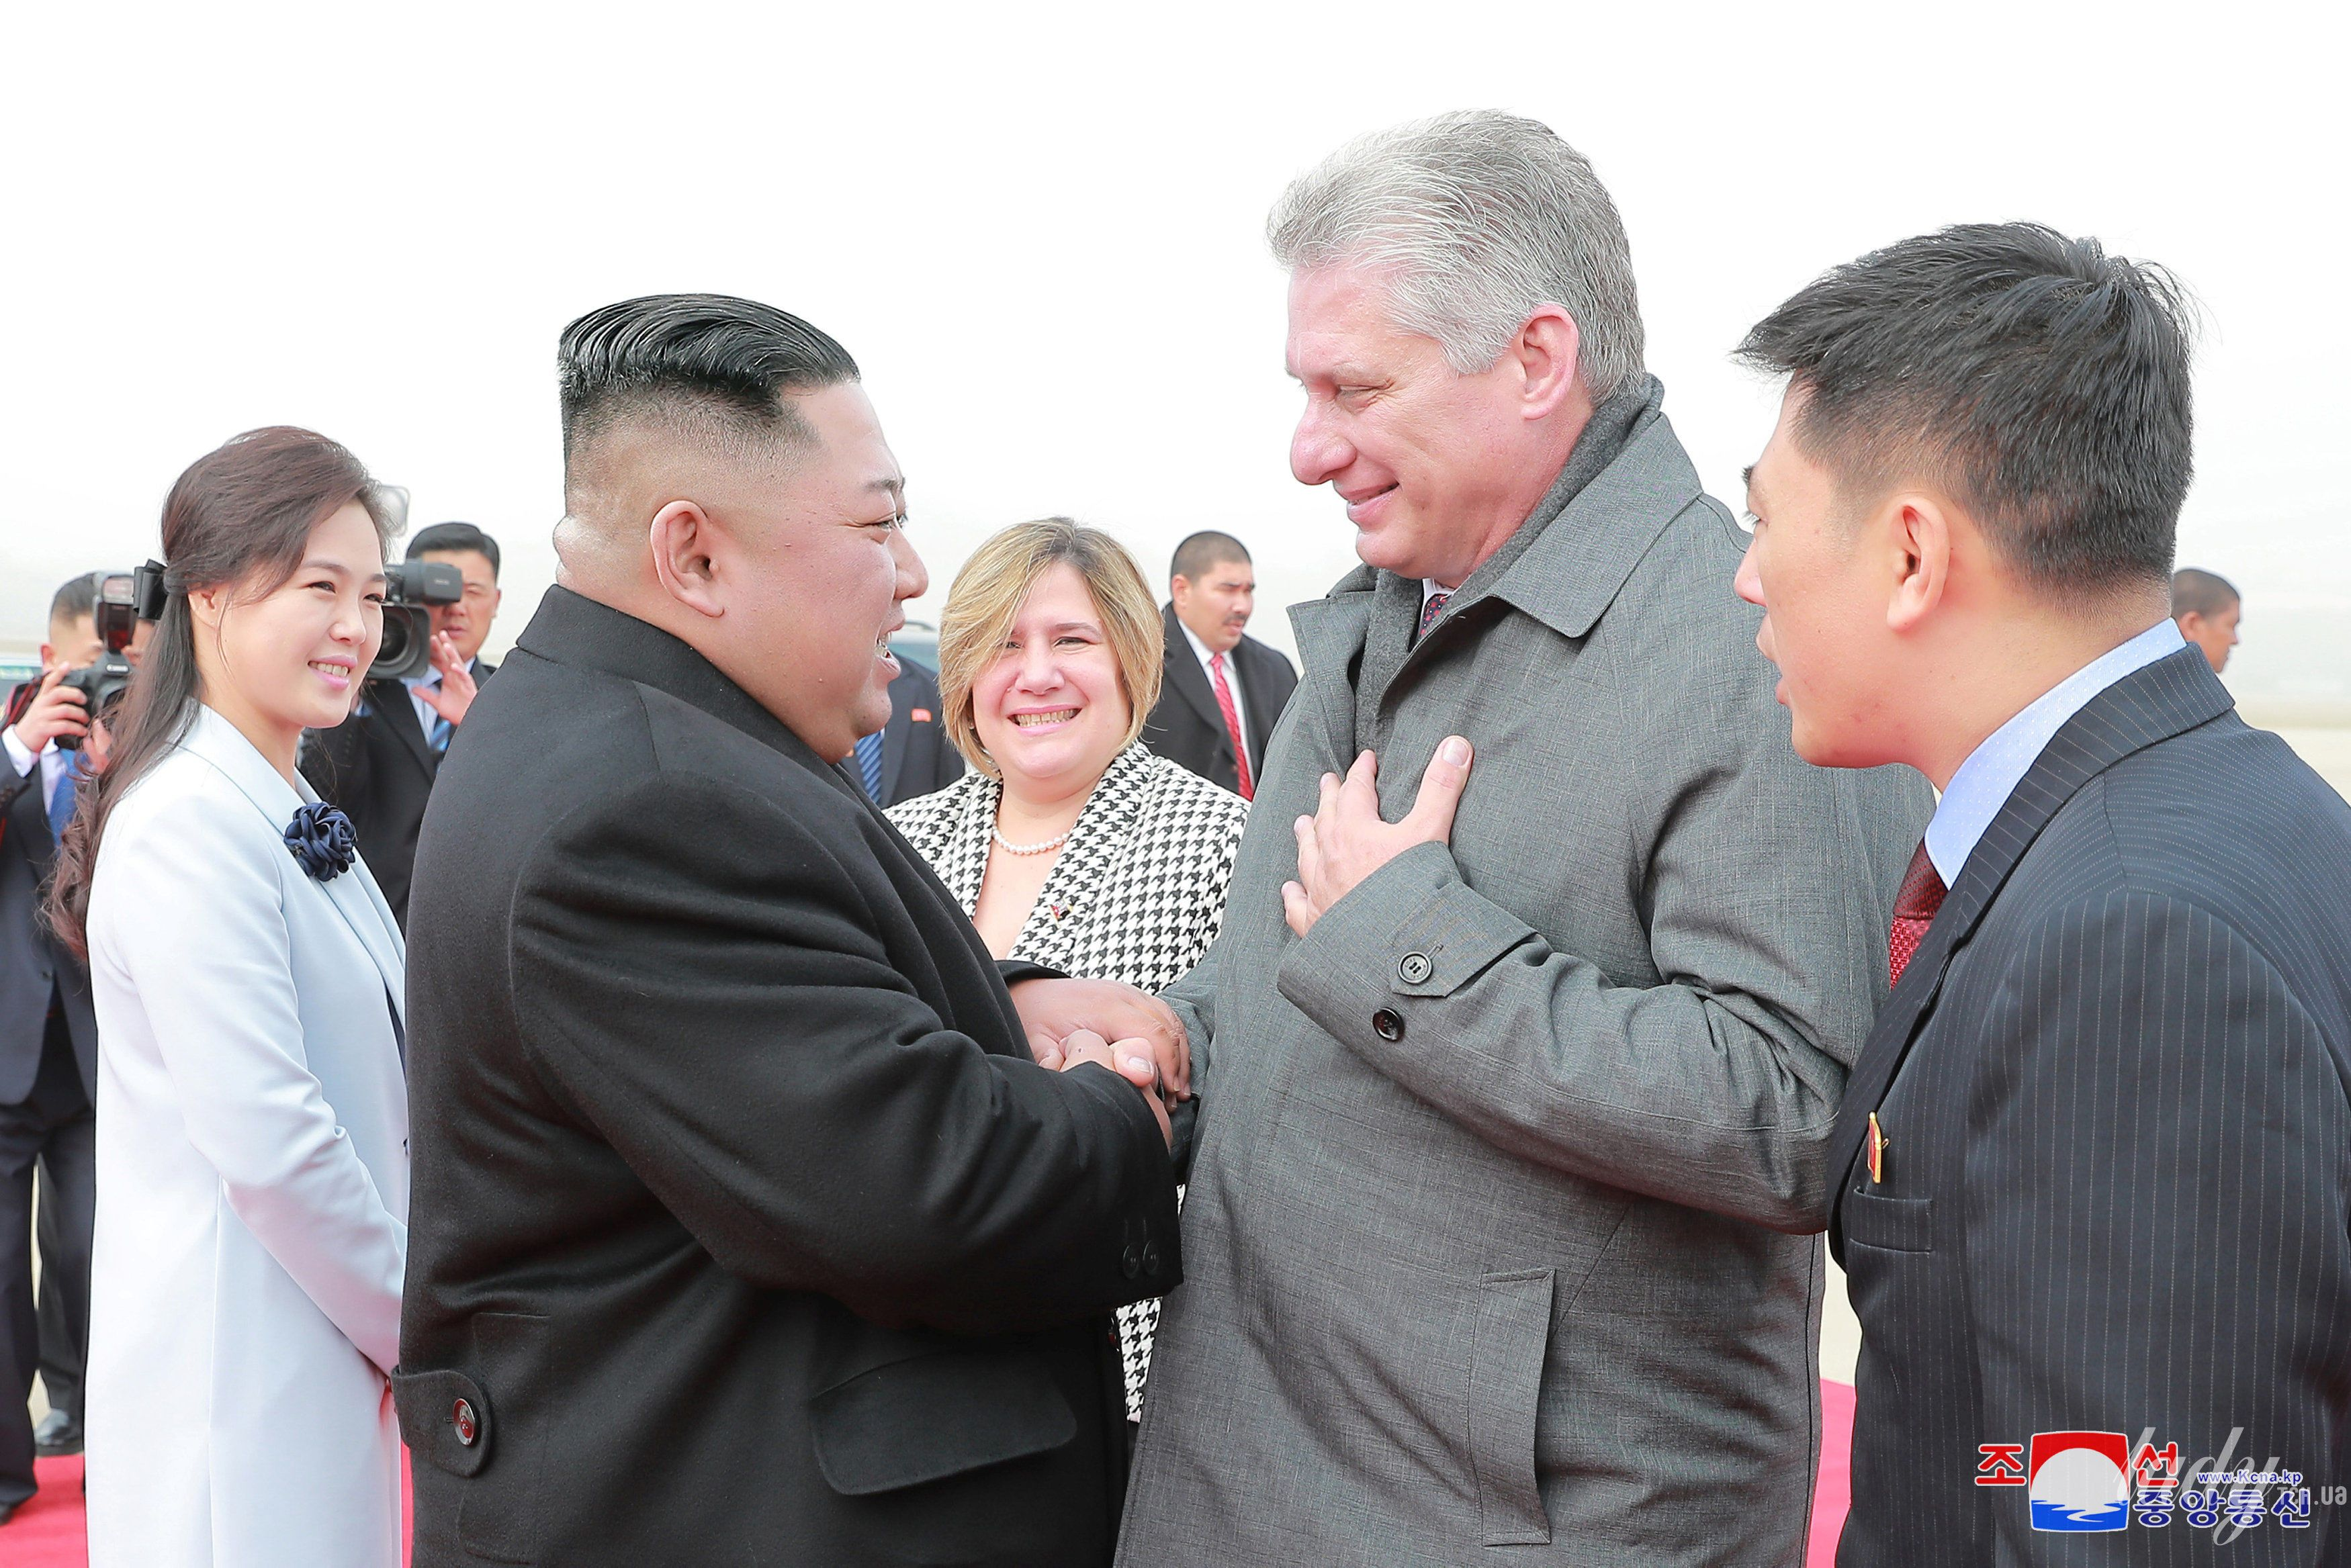 Президент Кубы с женой и лидер КНДР с супругой_1